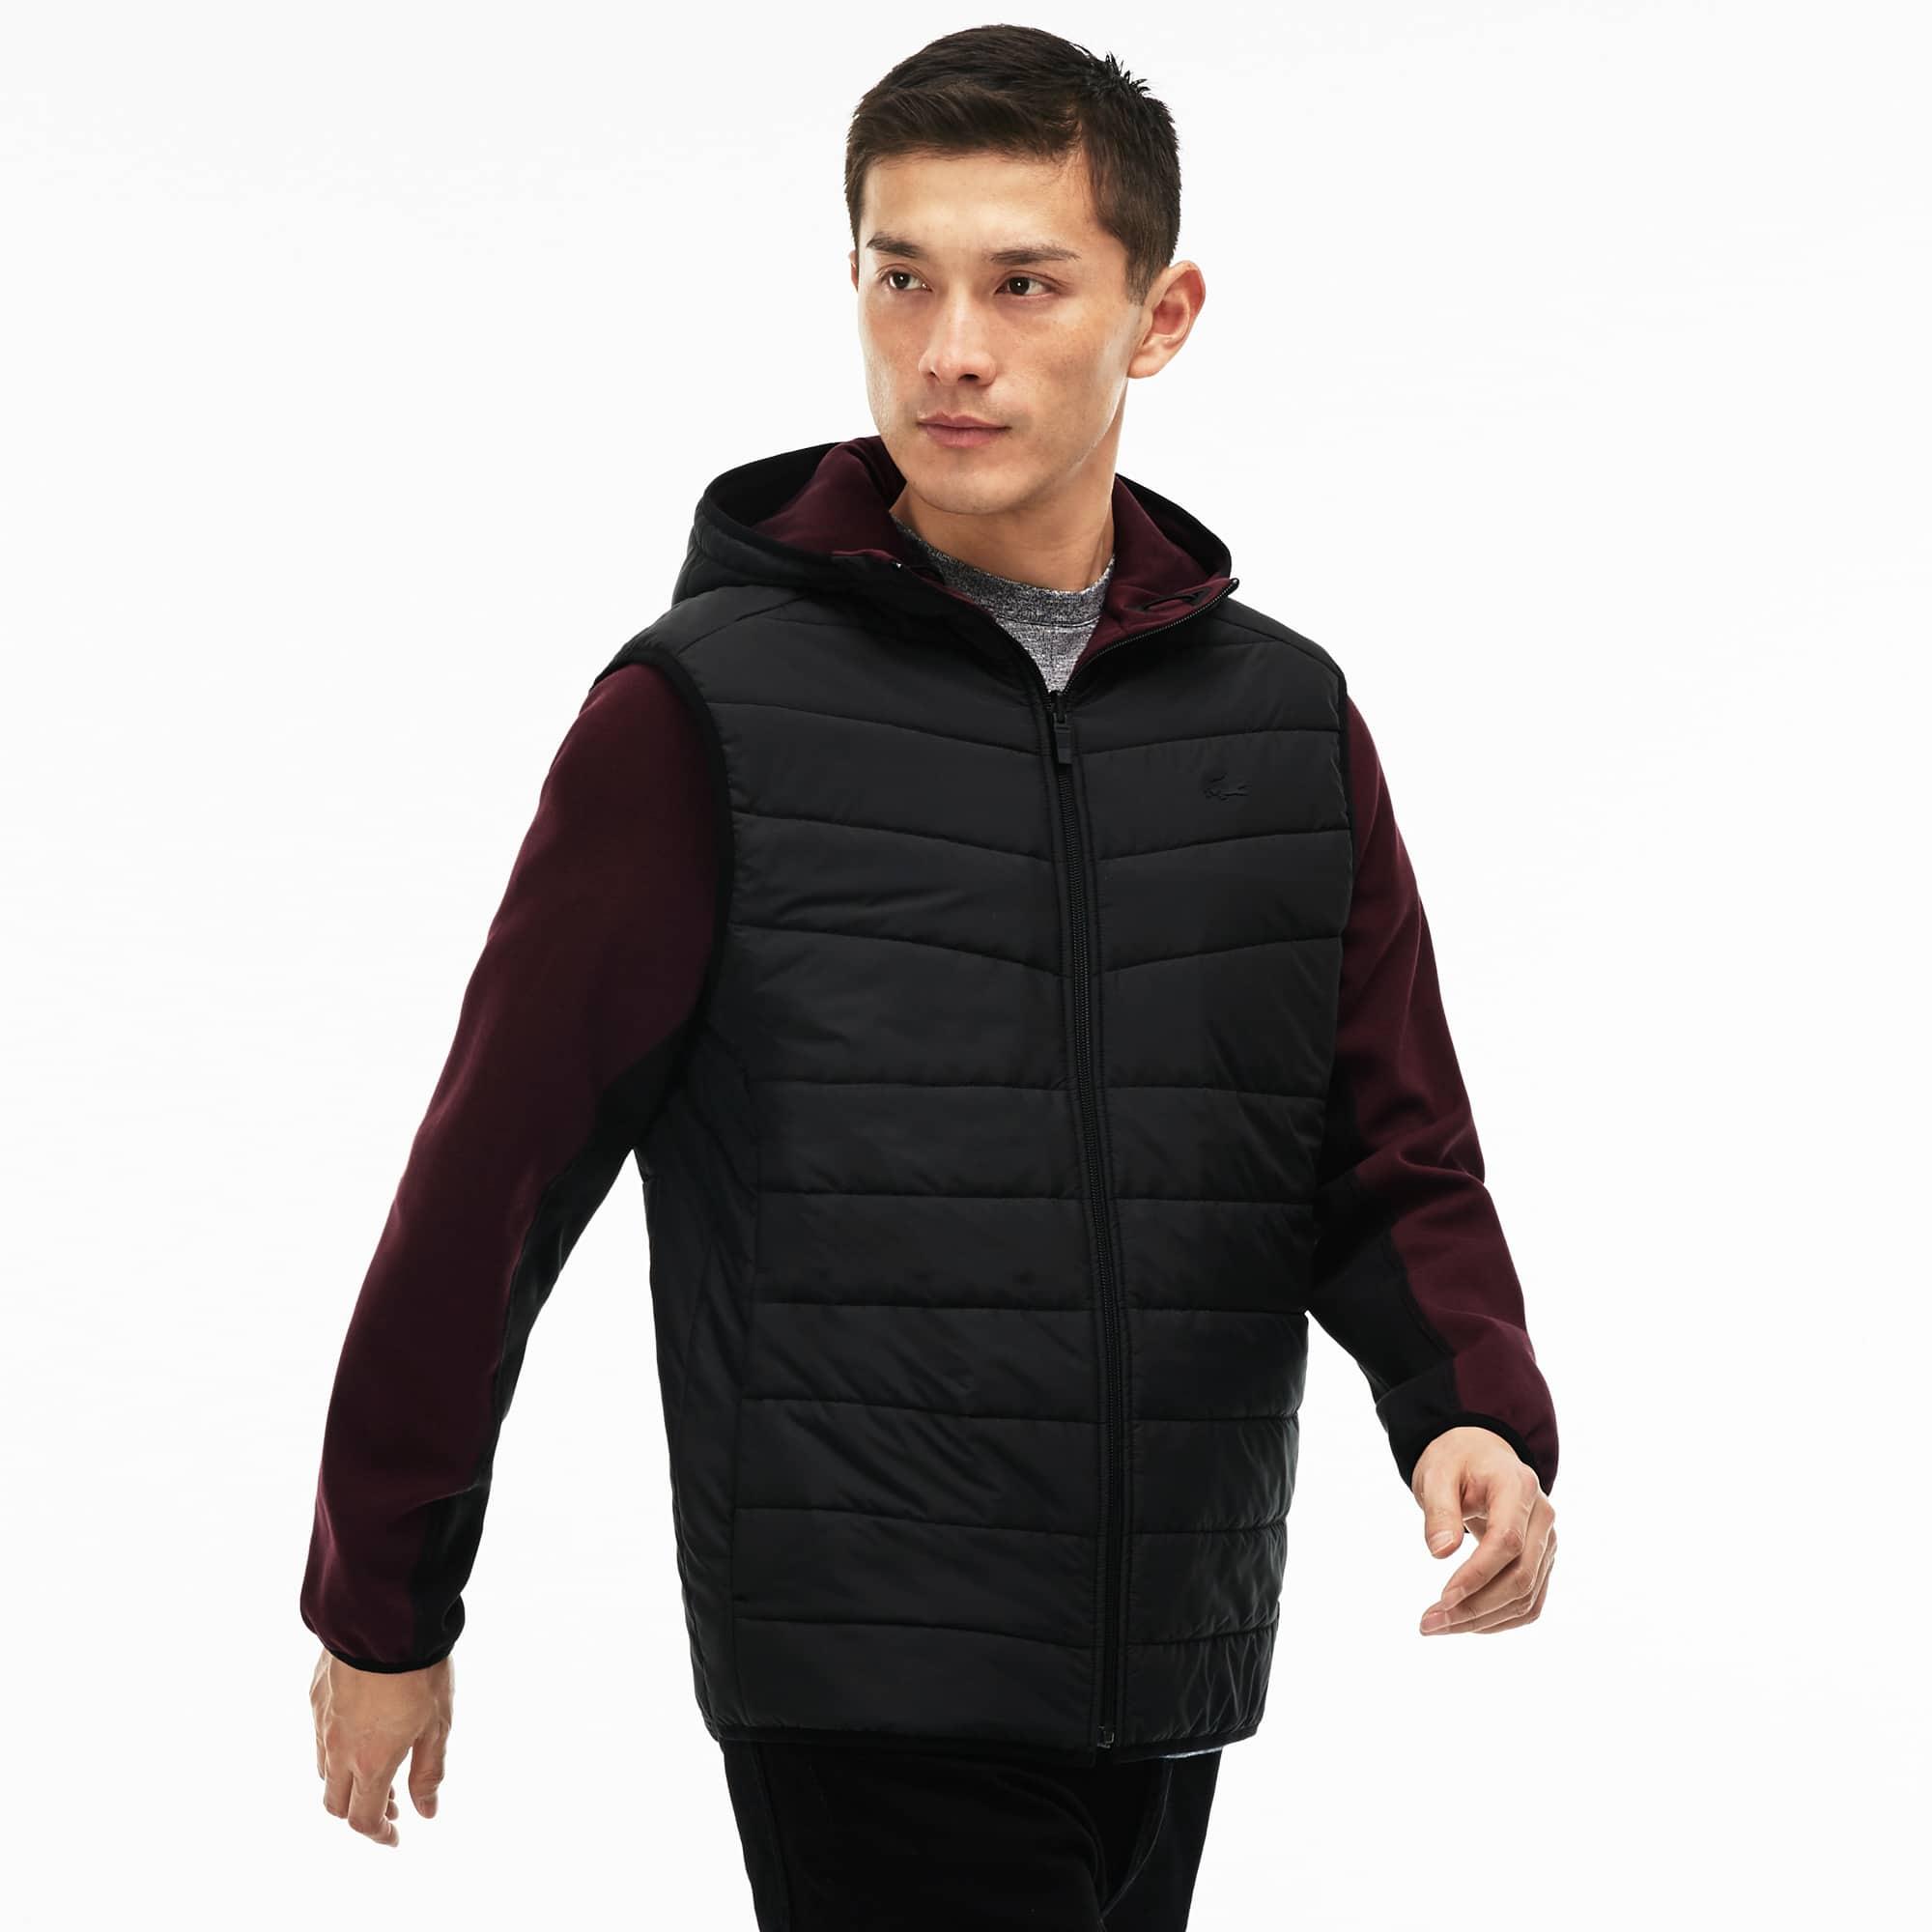 Sweatshirt com fecho de correr e capuz em jersey acolchoado bicolor